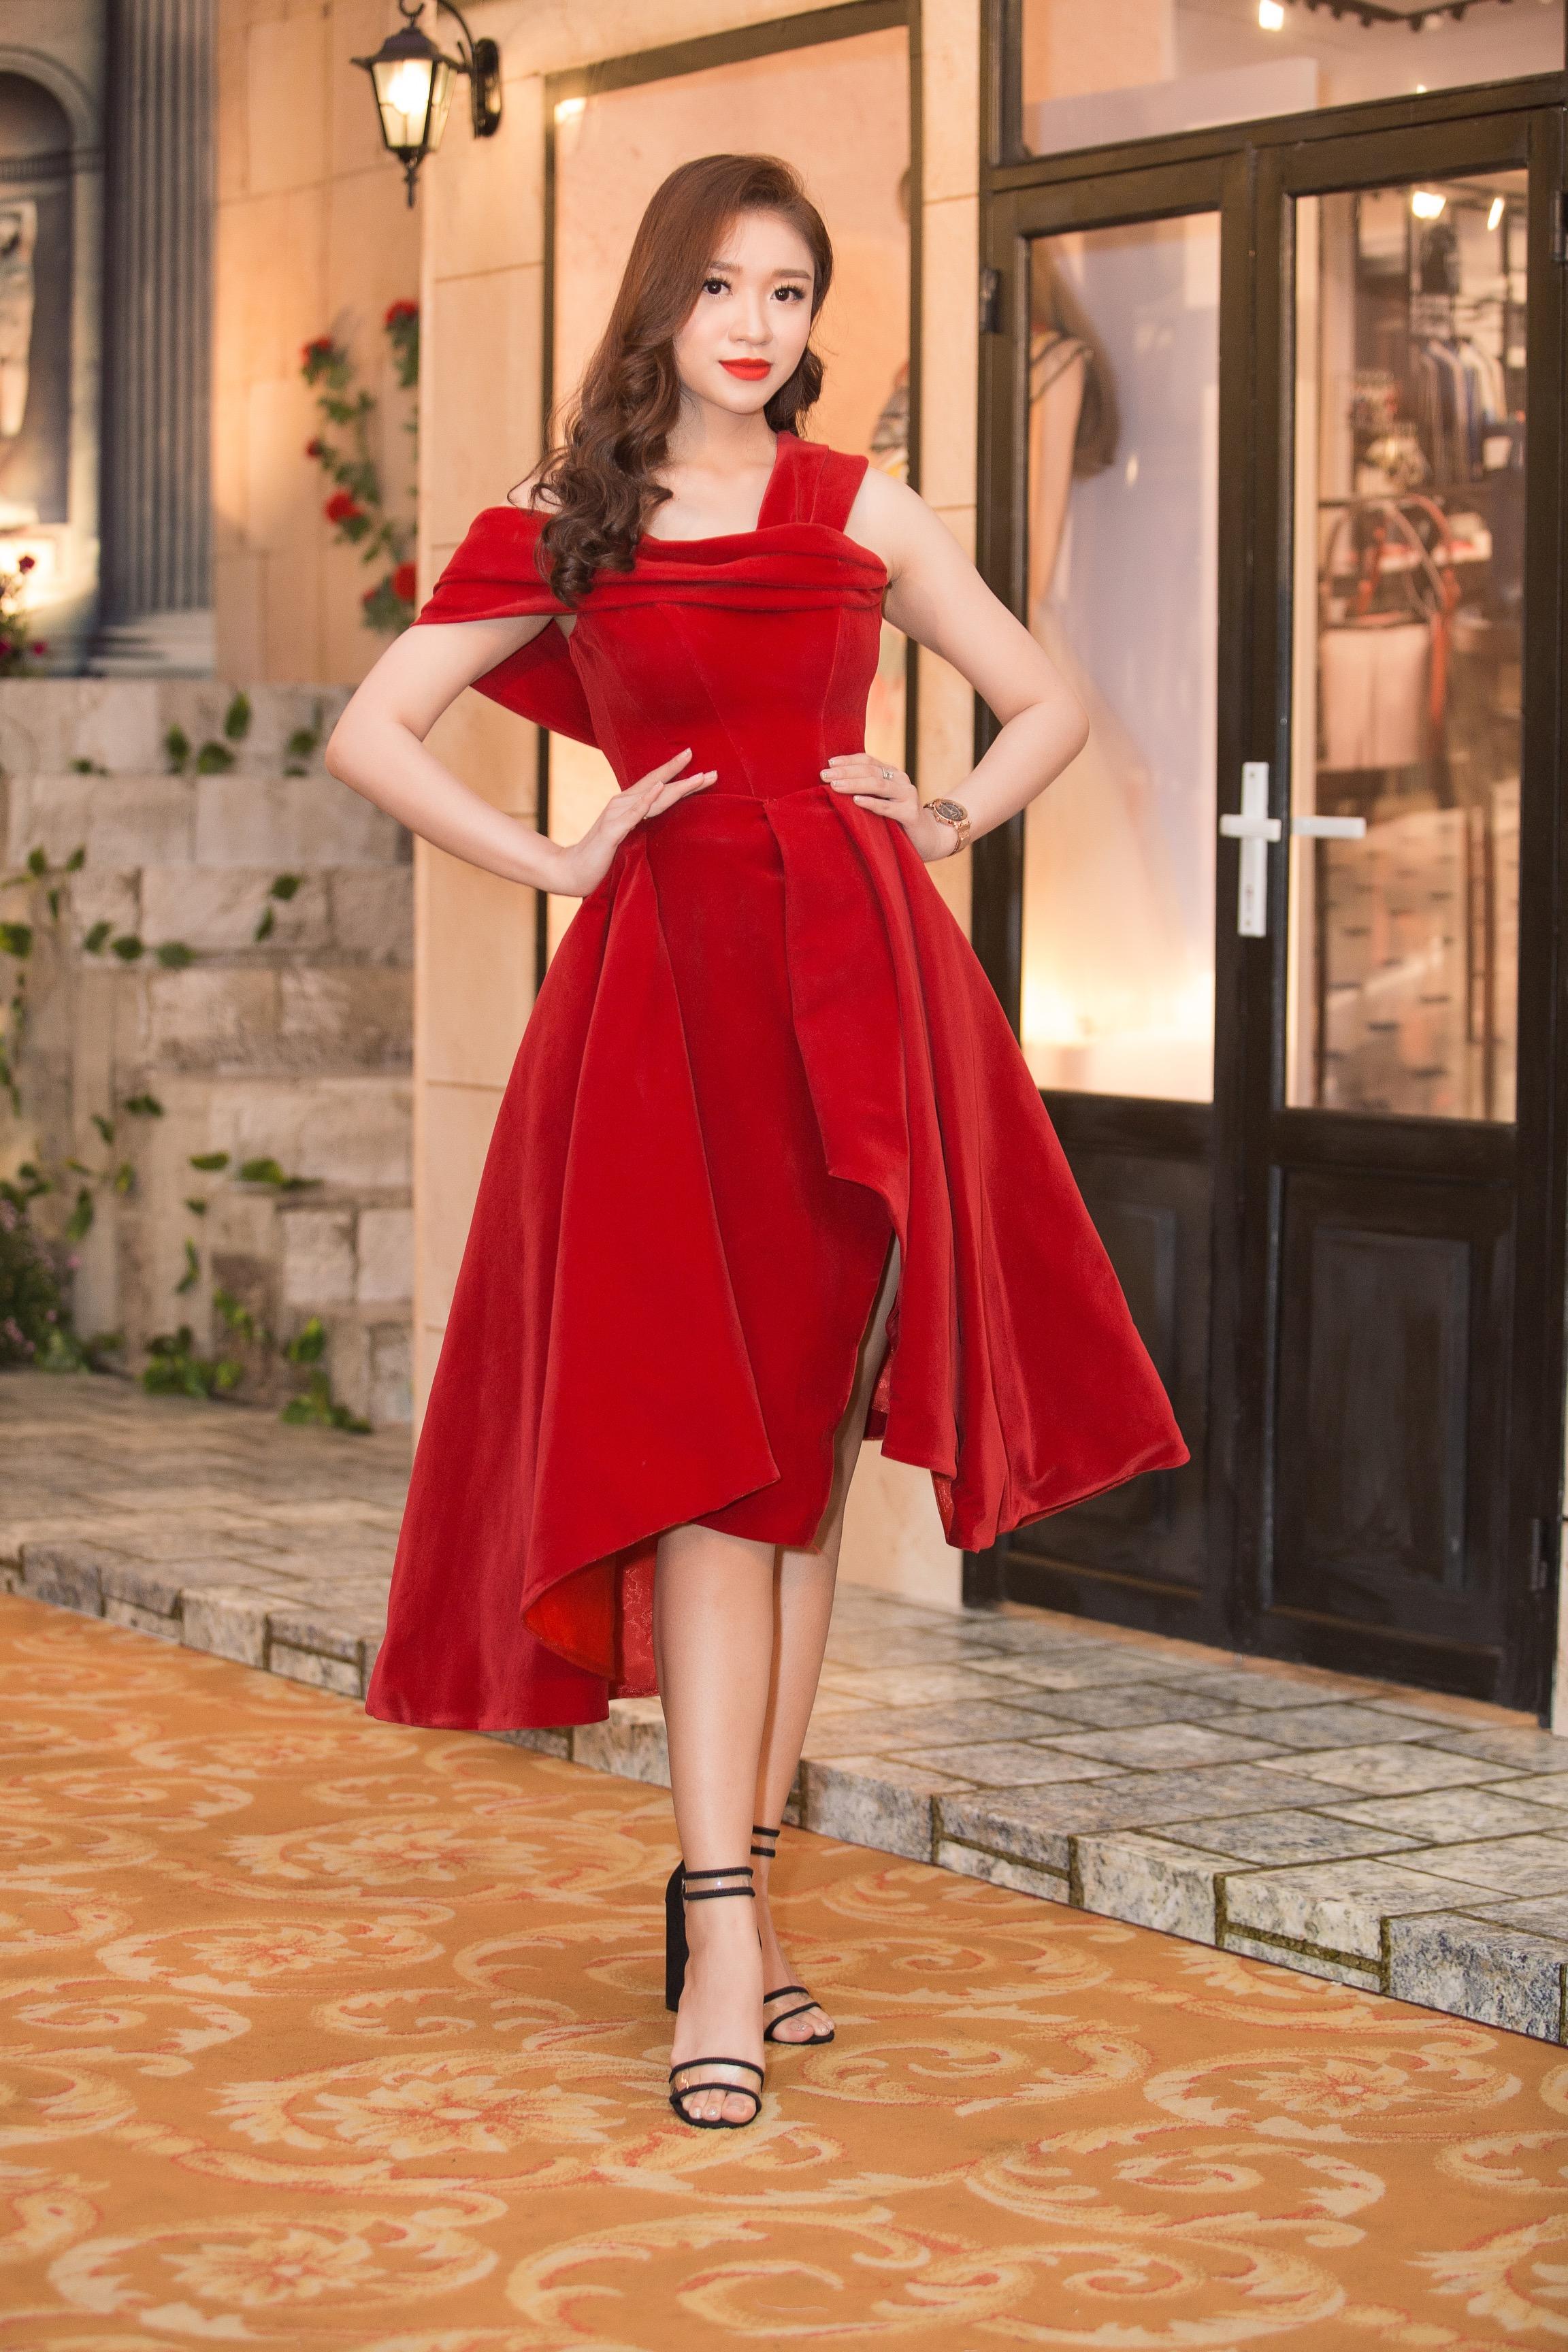 Hoa hậu Tiểu Vy mặc đầm cúp ngực quyến rũ khó tả Ảnh 6